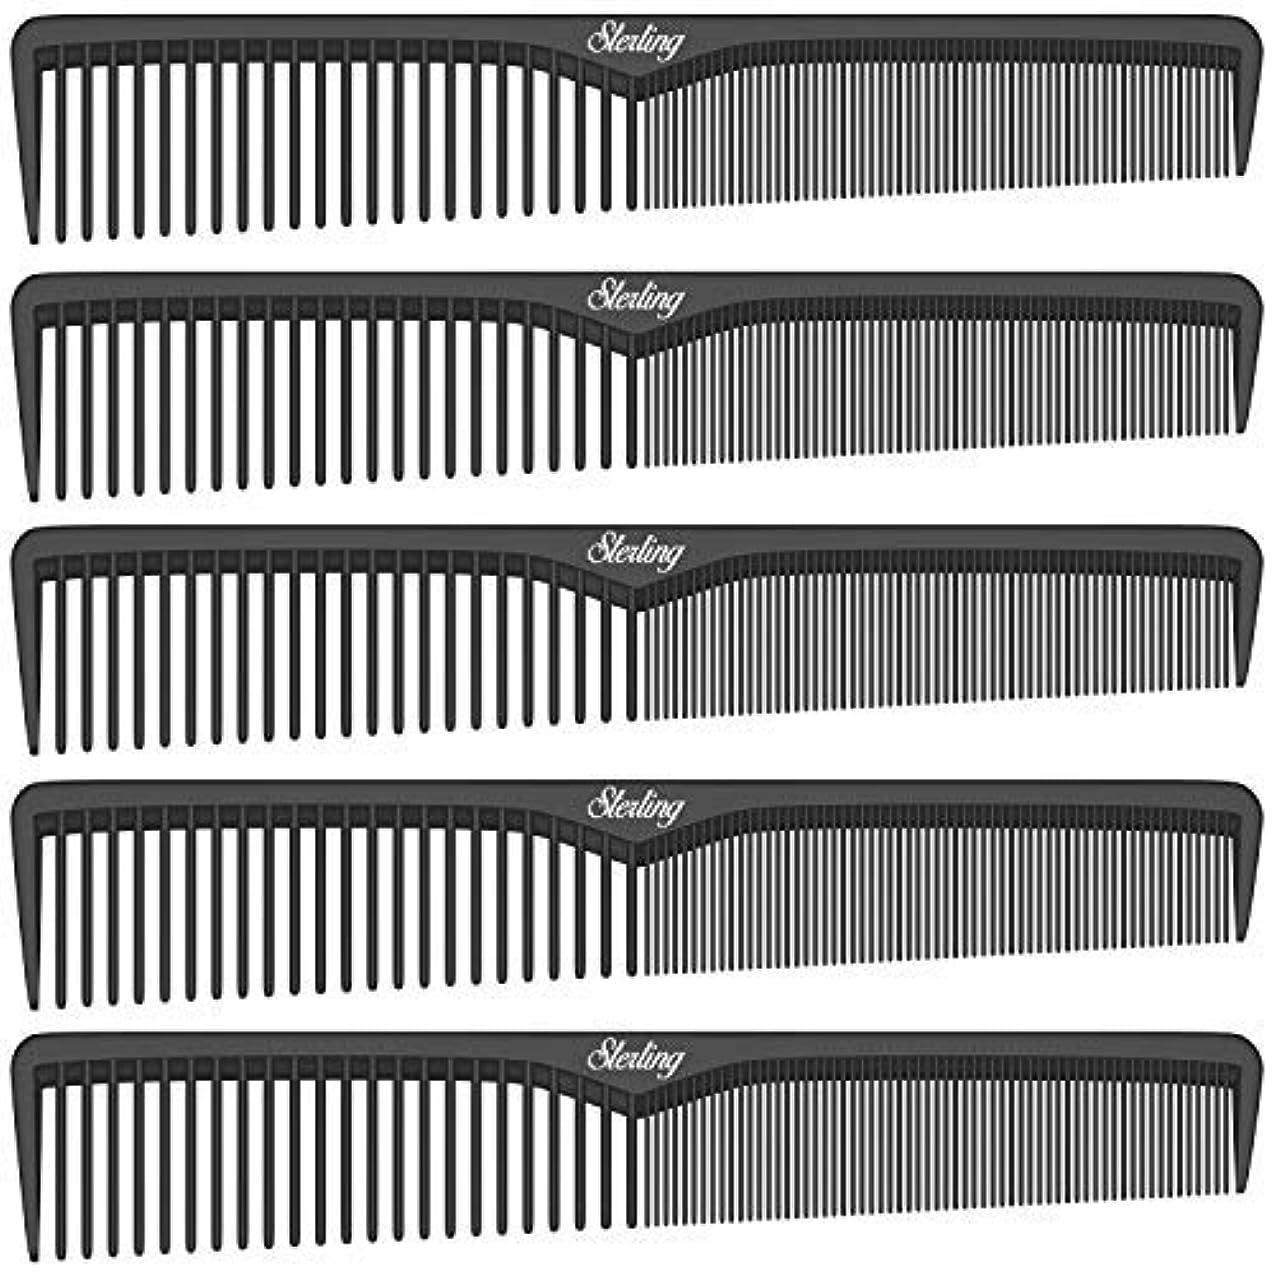 累積債務者お金ゴムSterling Beauty Tools Styling Combs, Professional 7